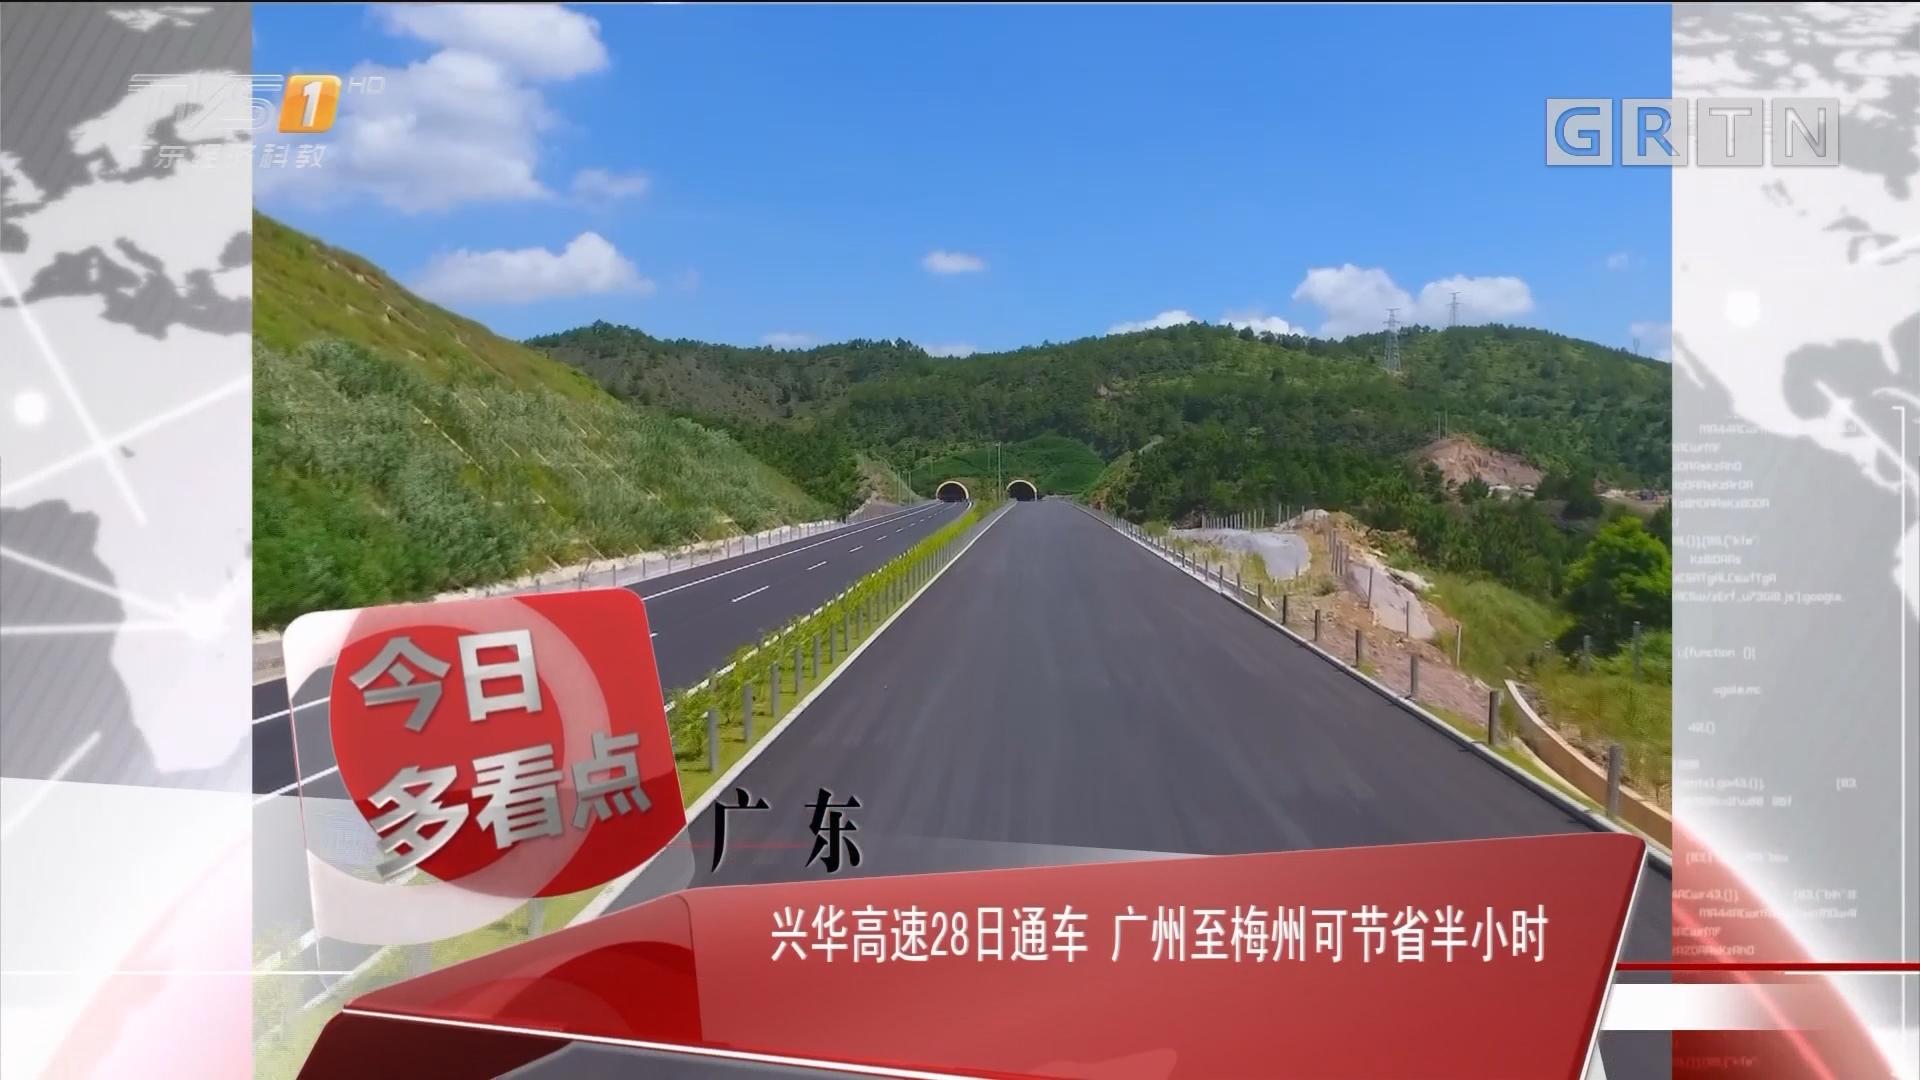 广东:兴华高速28日通车 广州至梅州可节省半小时